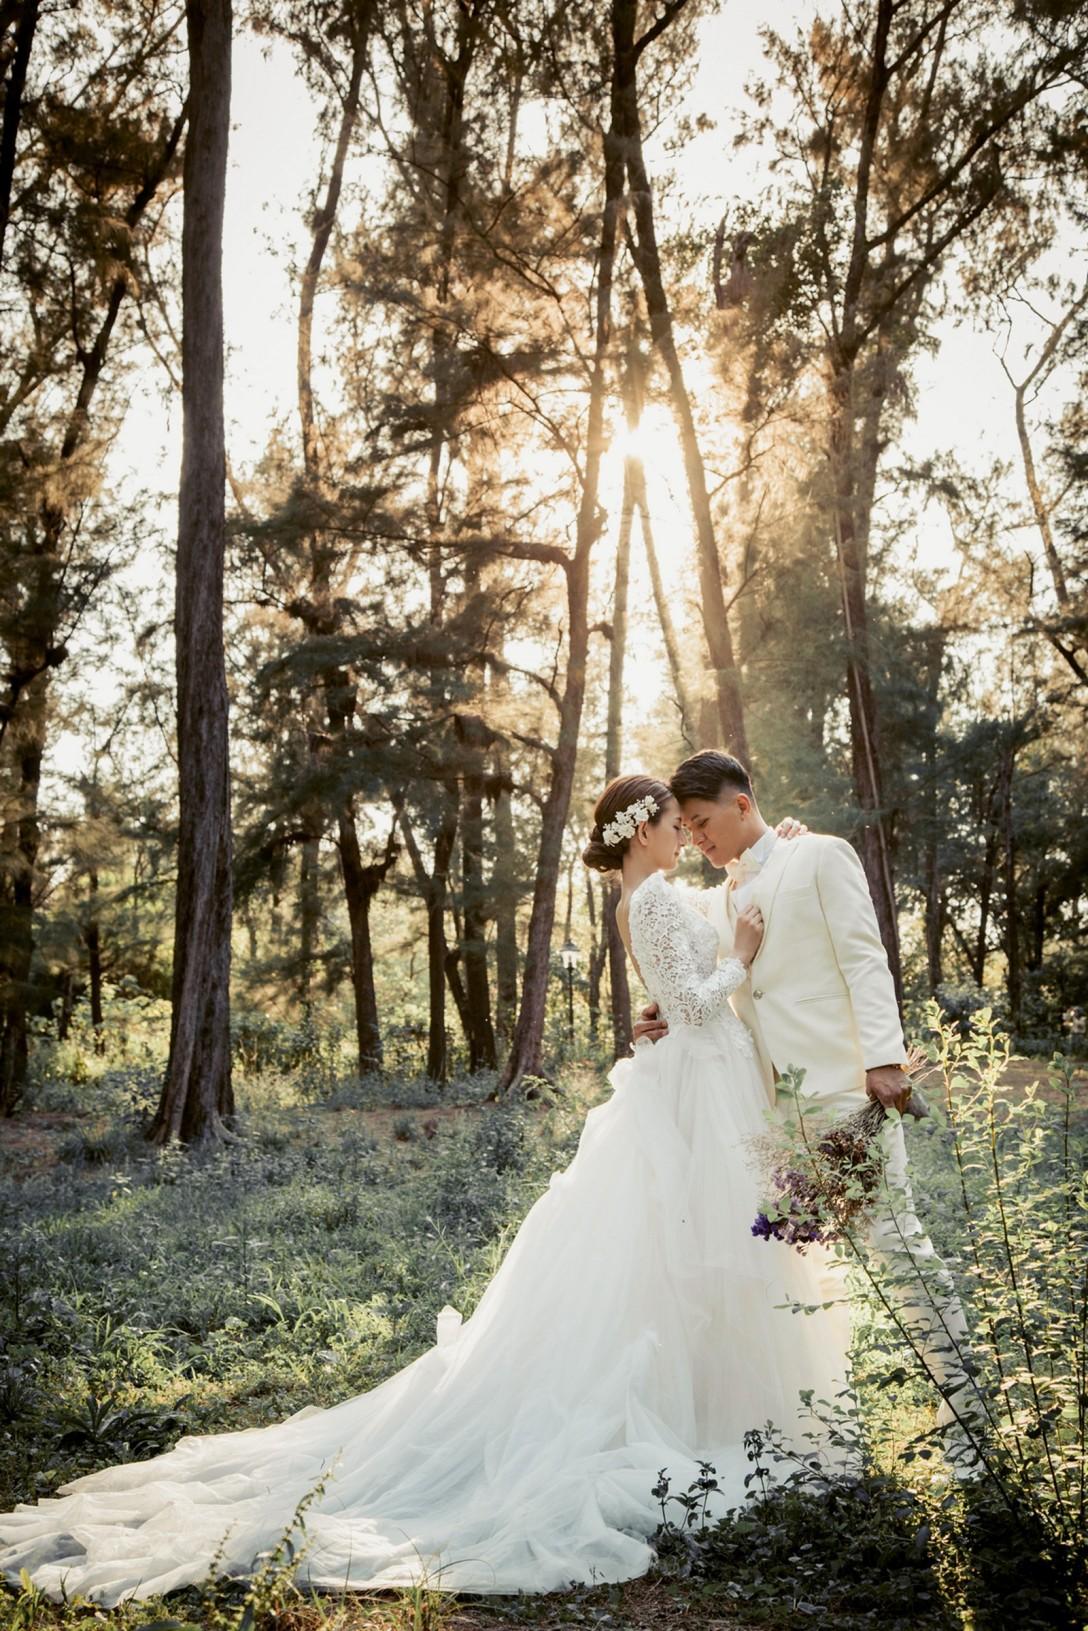 自助婚紗,自助婚紗推薦,自助婚紗風格,婚紗照,e7b693e585b8e99f93e9a2a826